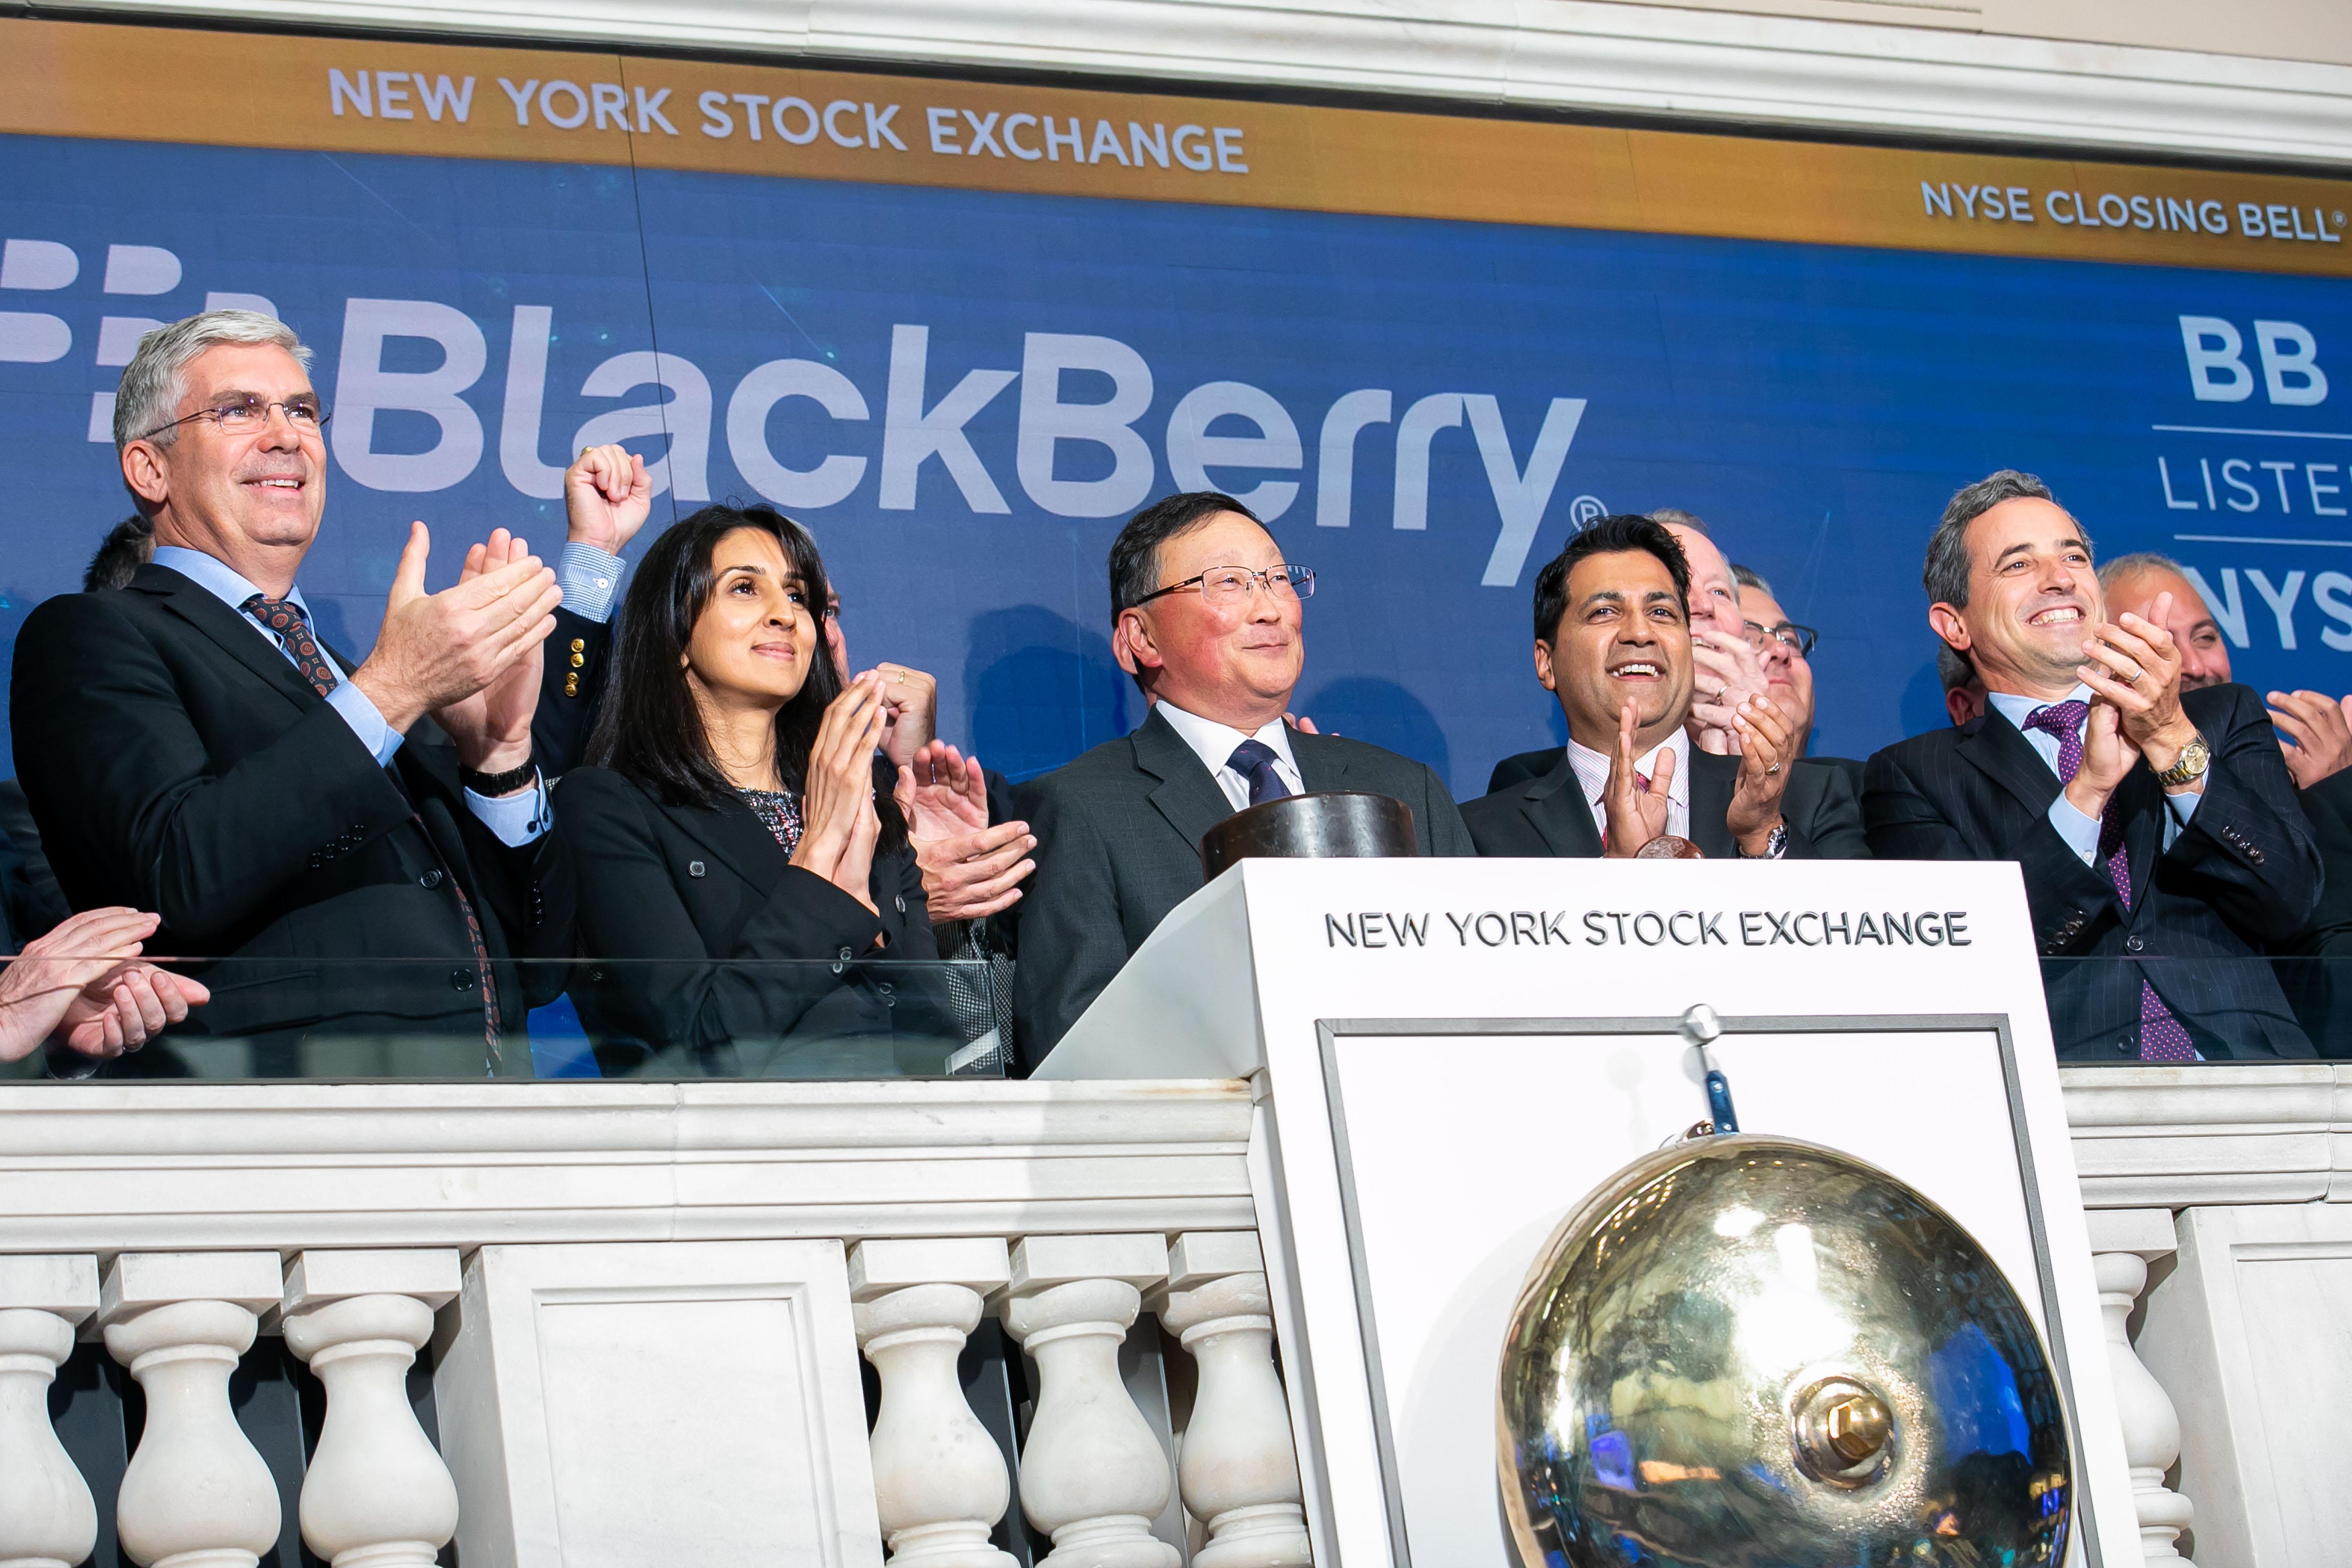 BlackBerry photo 1